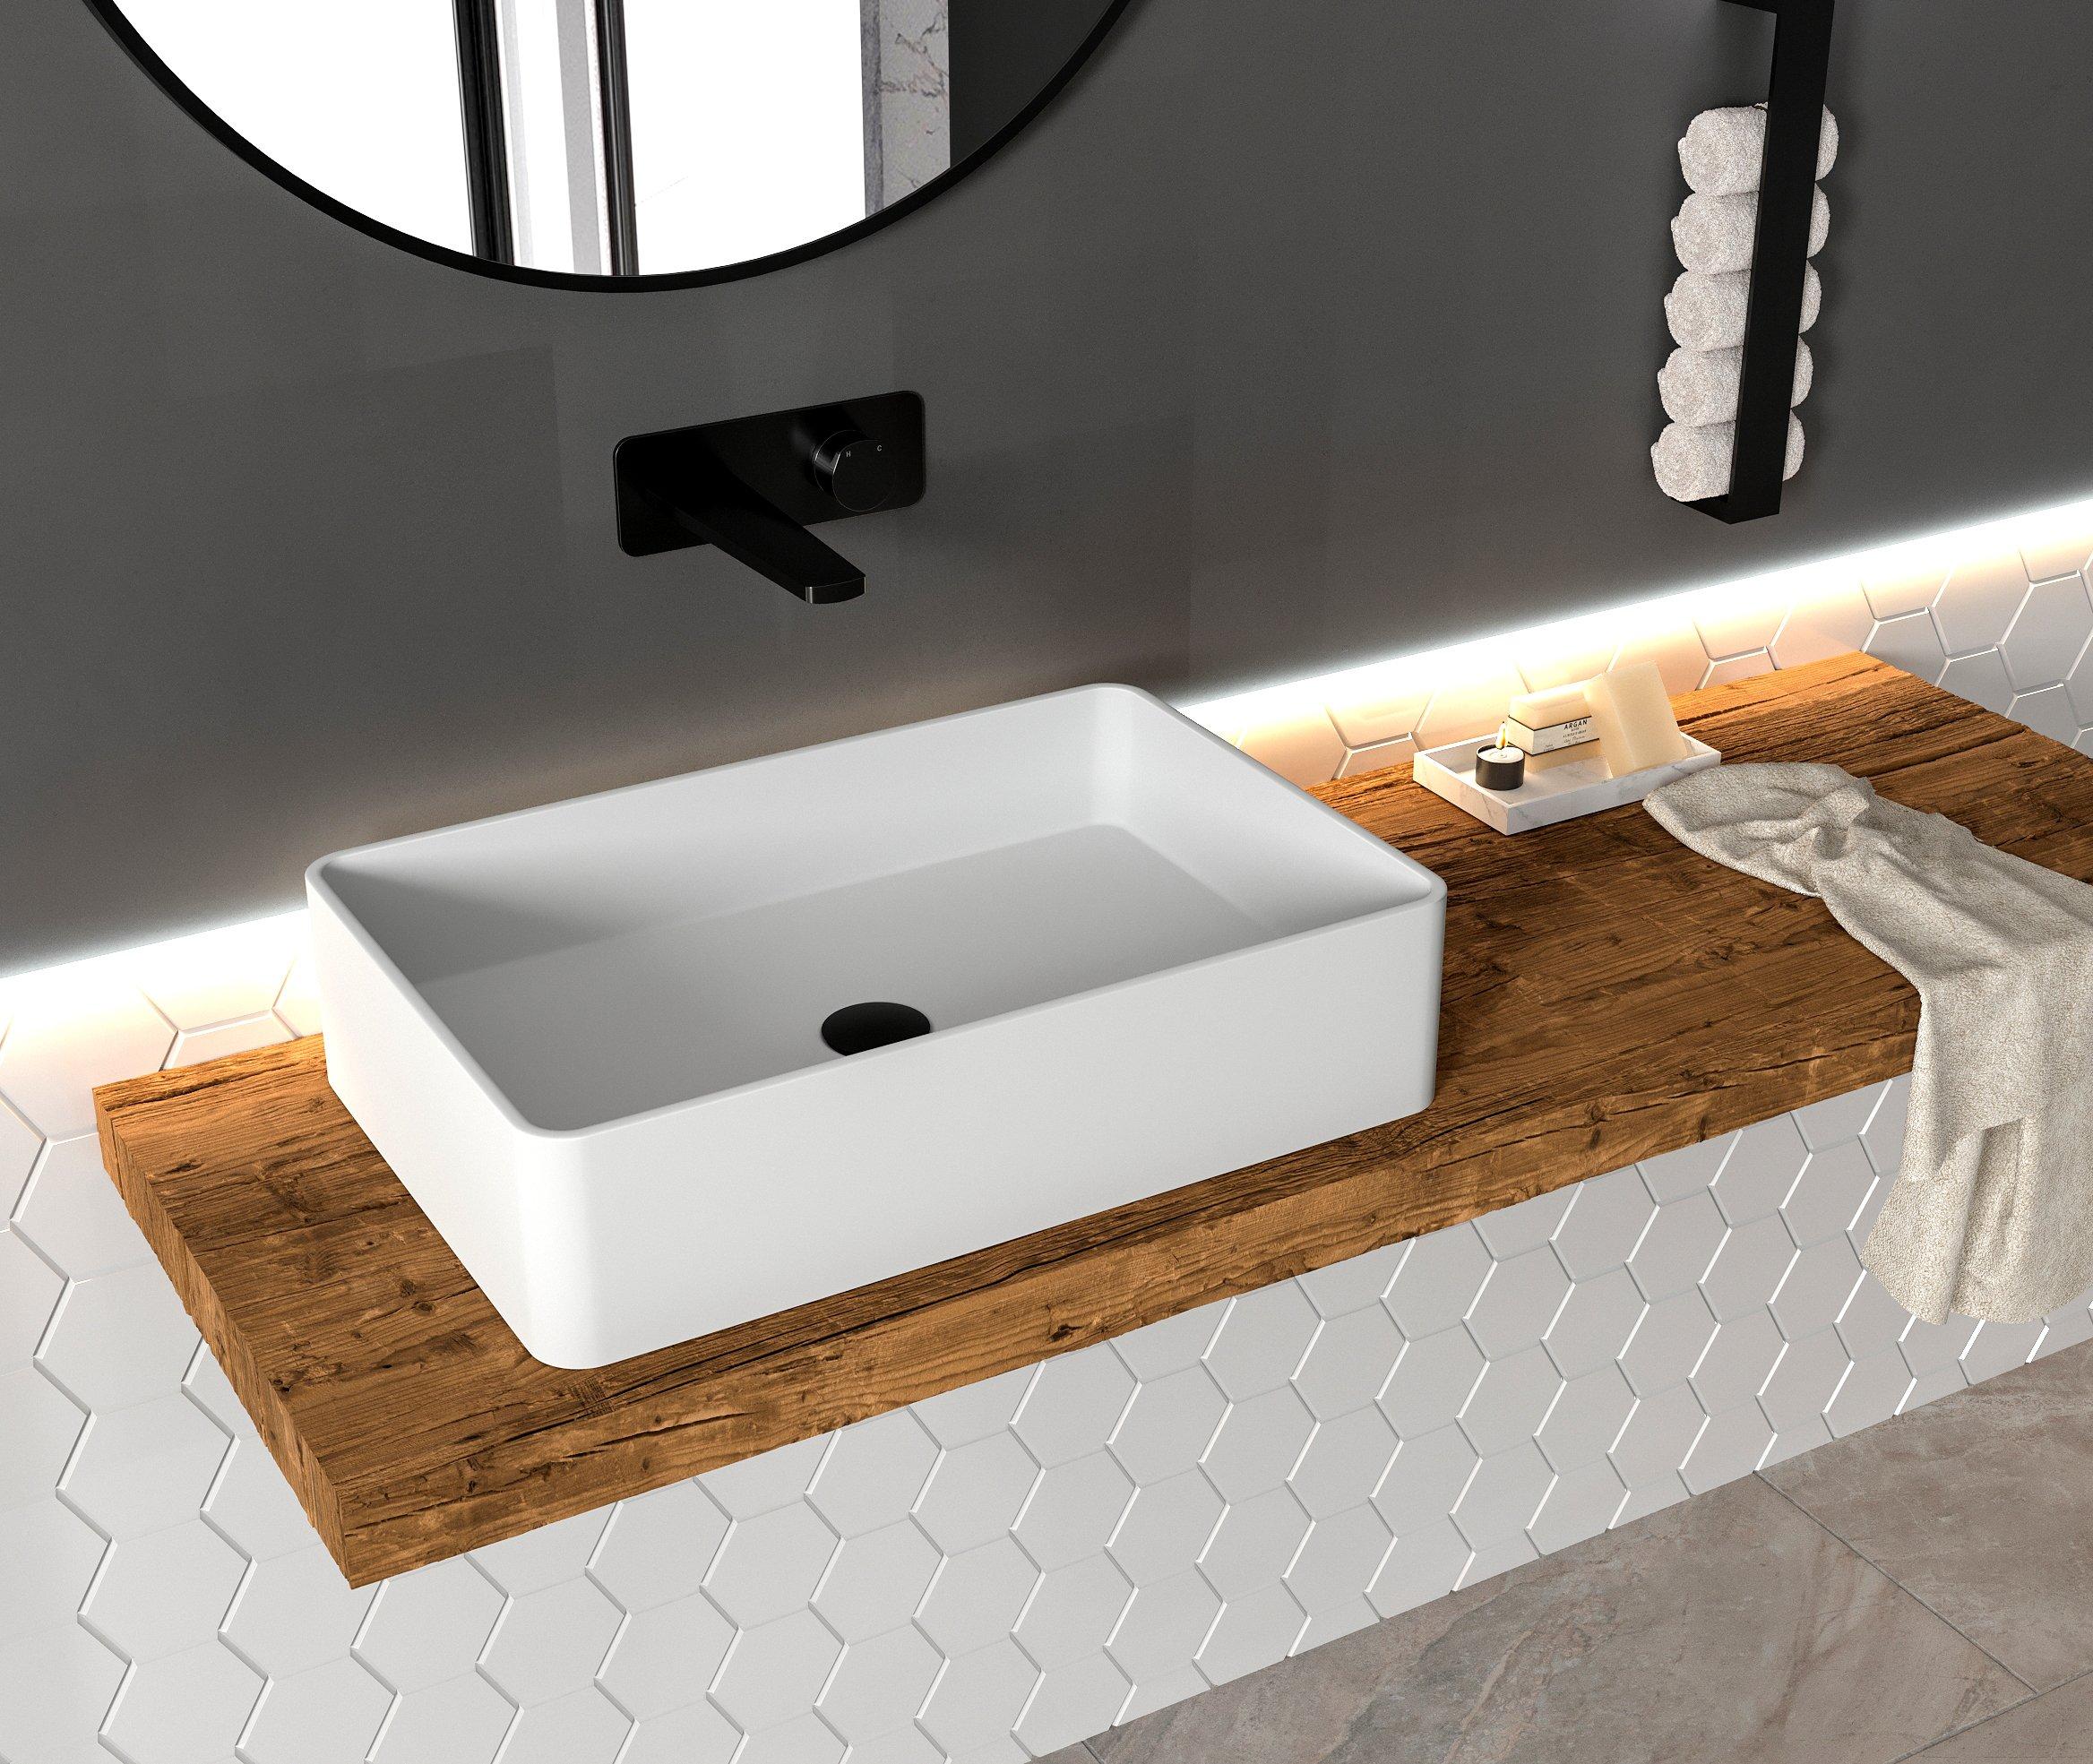 Aufsatzbecken Aufsatz-Waschbecken Rechteck PB2012 - Design geradlinig - 60 x 40 x 15 cm zoom thumbnail 5